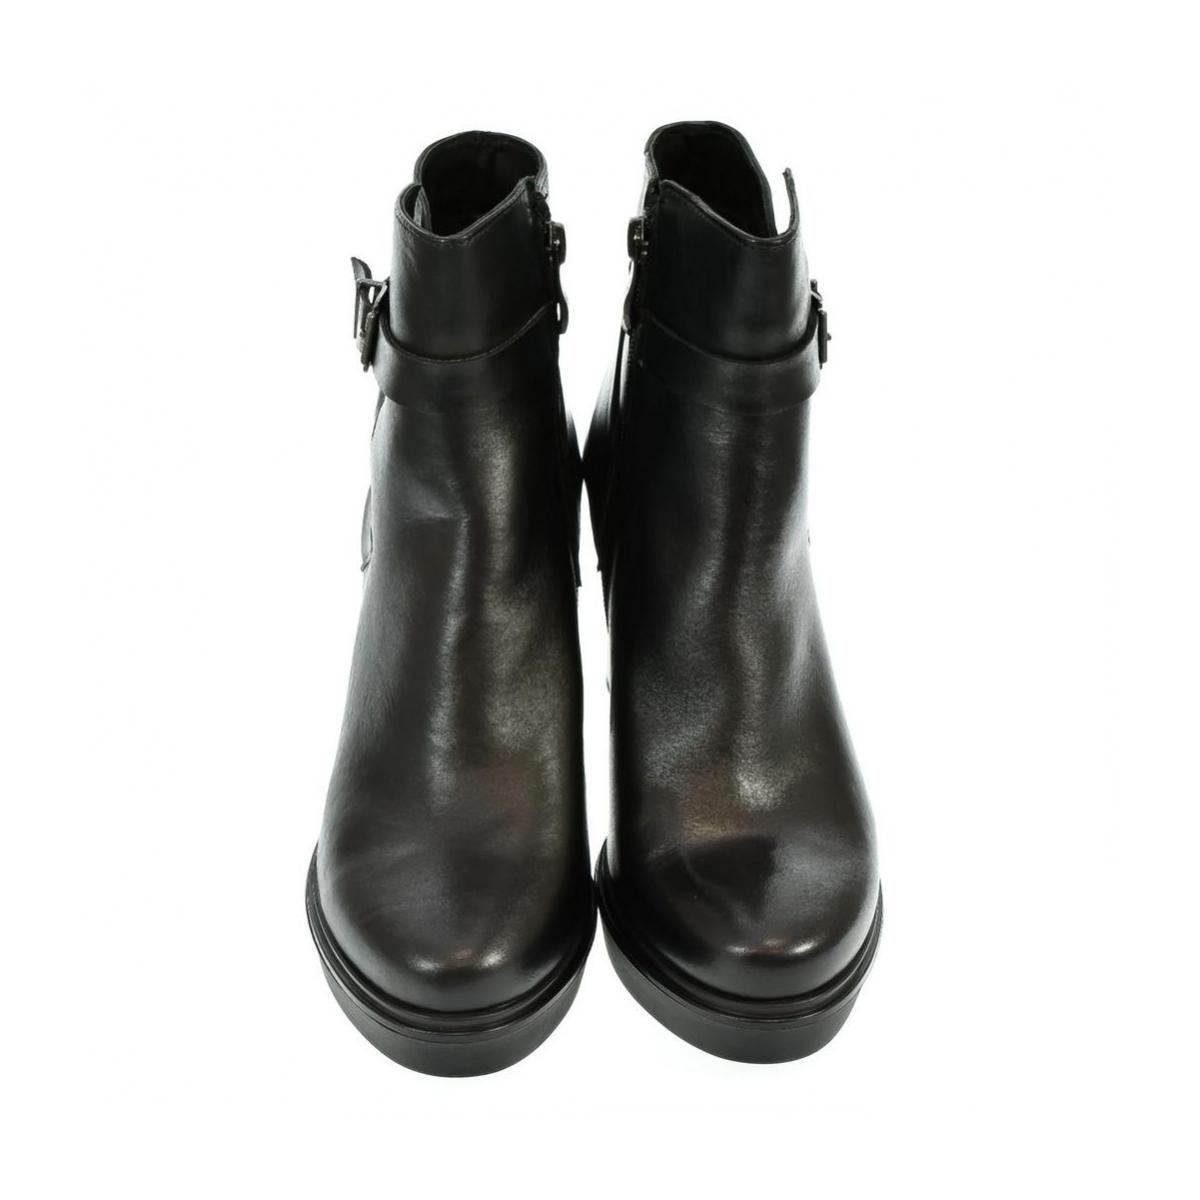 Dámske kožené čierne čižmy KIARA - 4 05a98df451d